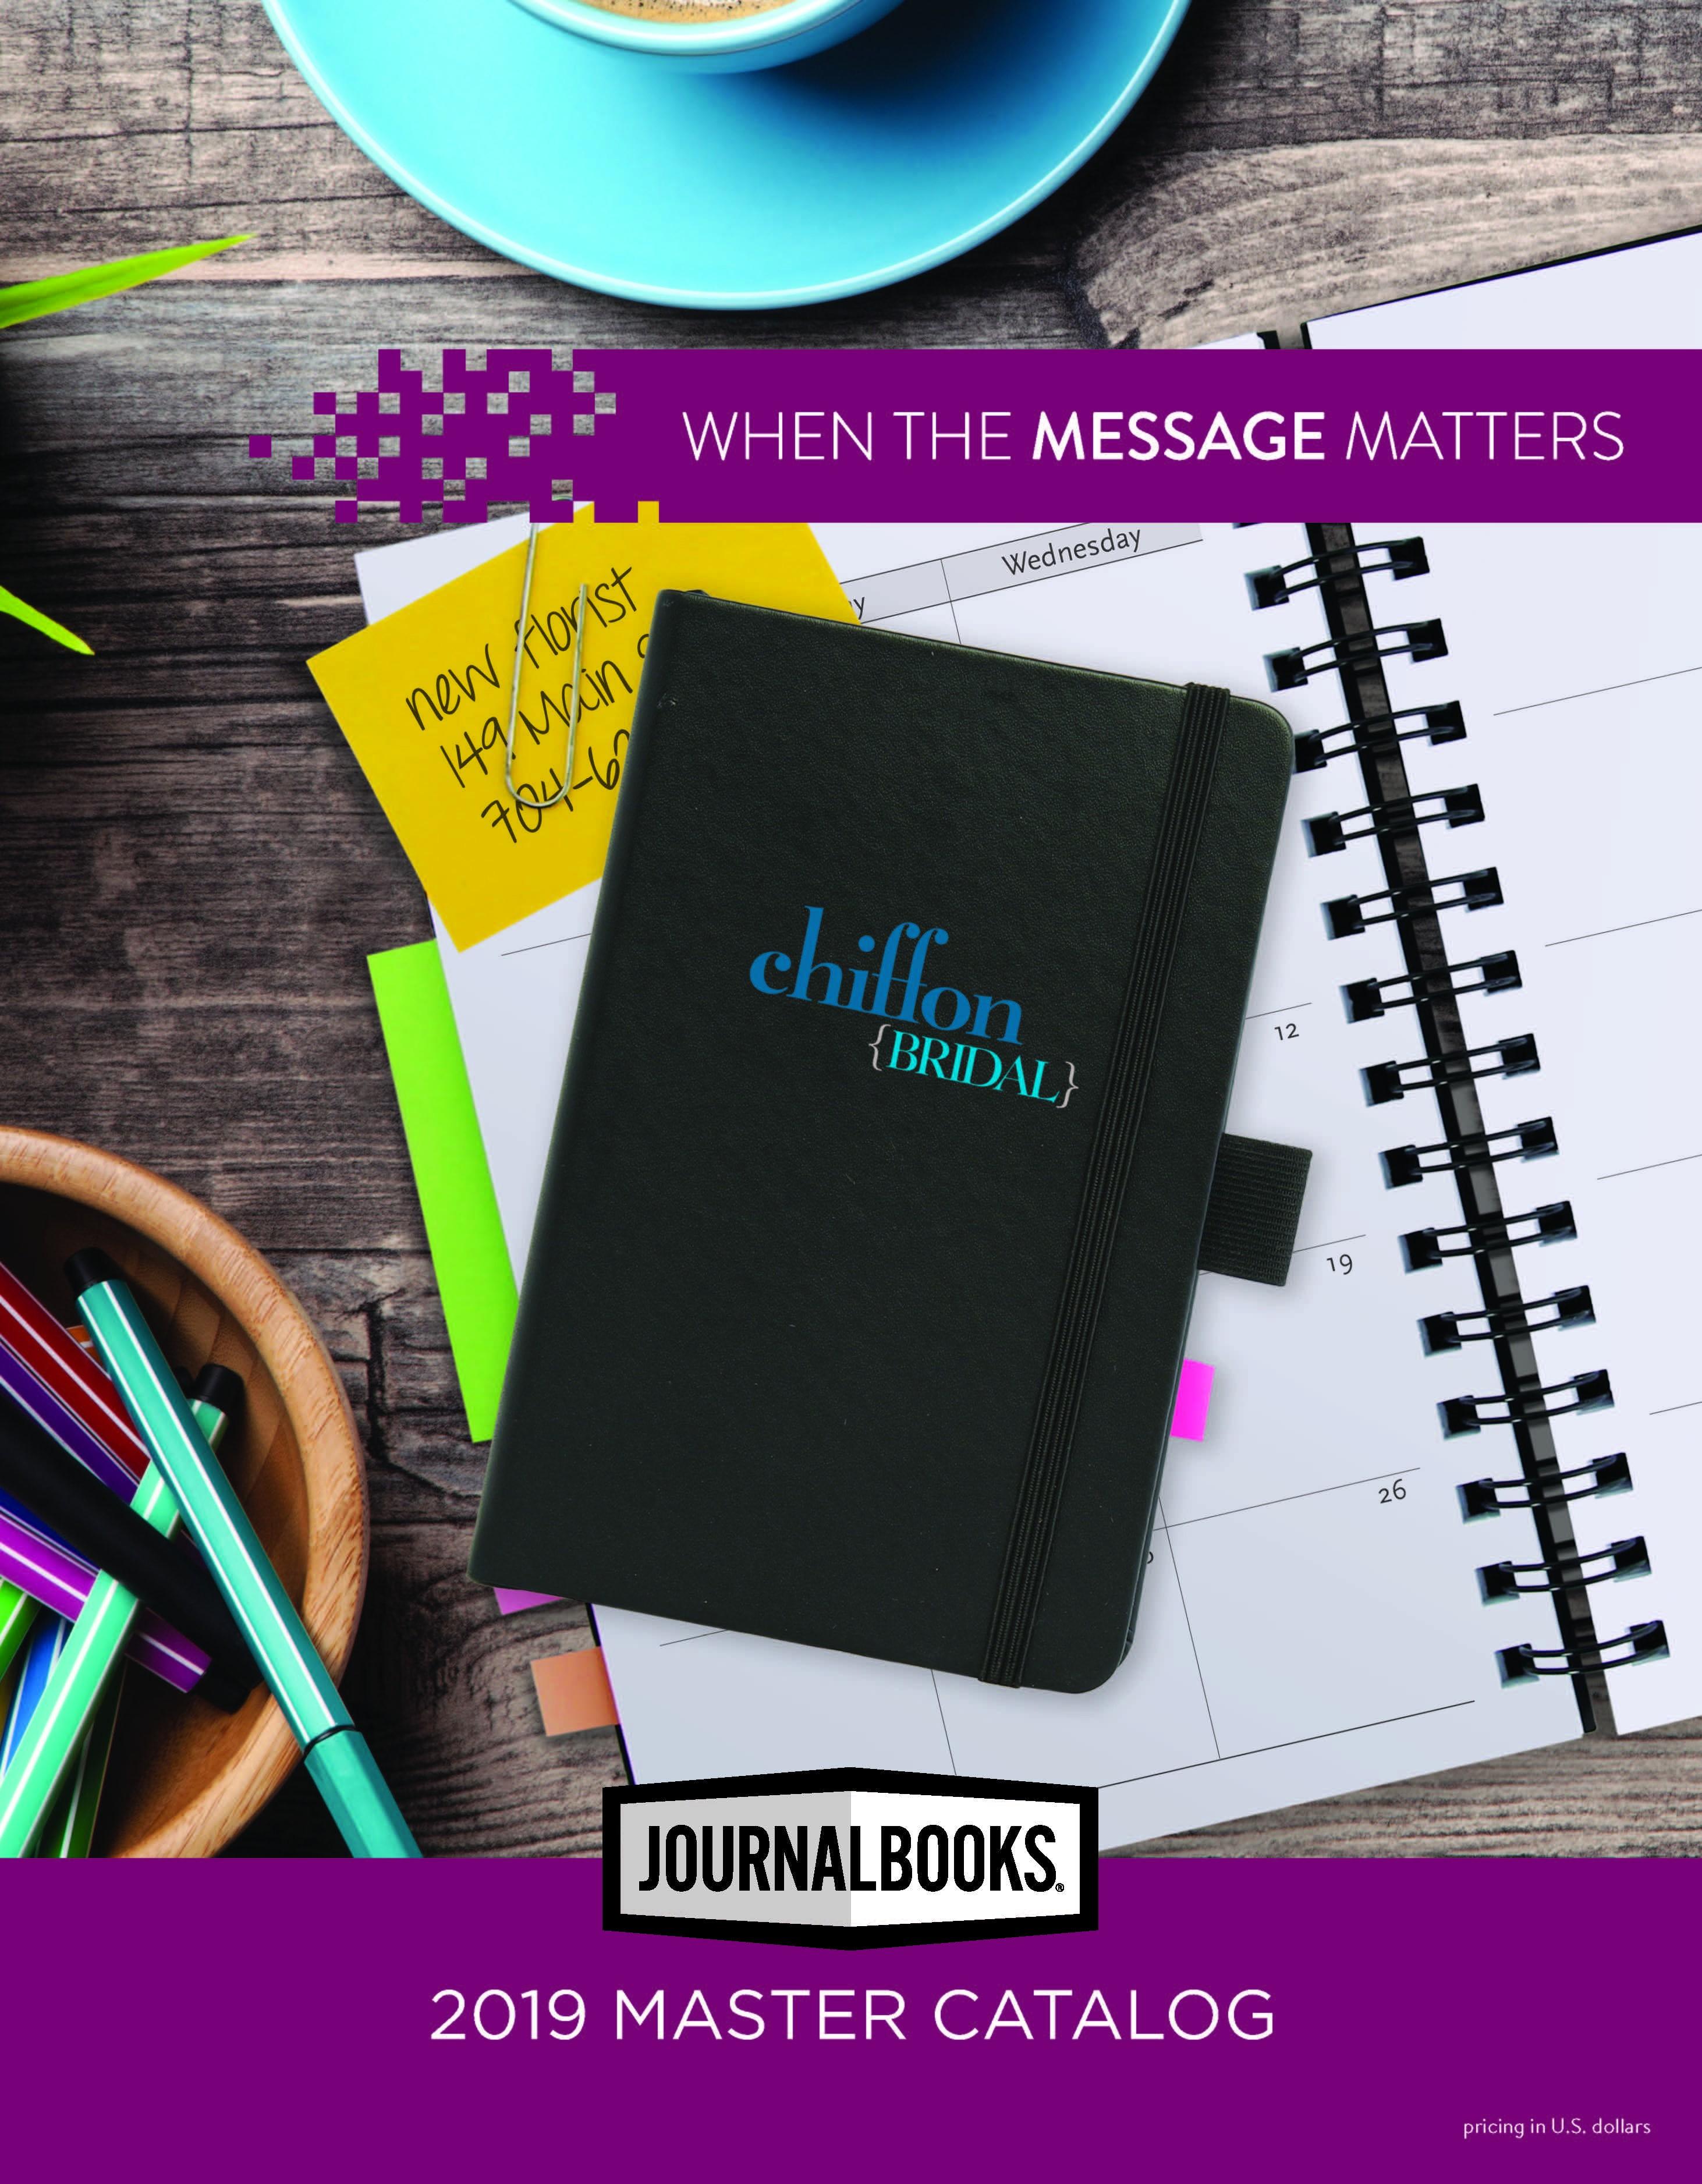 JournalBooks (FULL) 2019